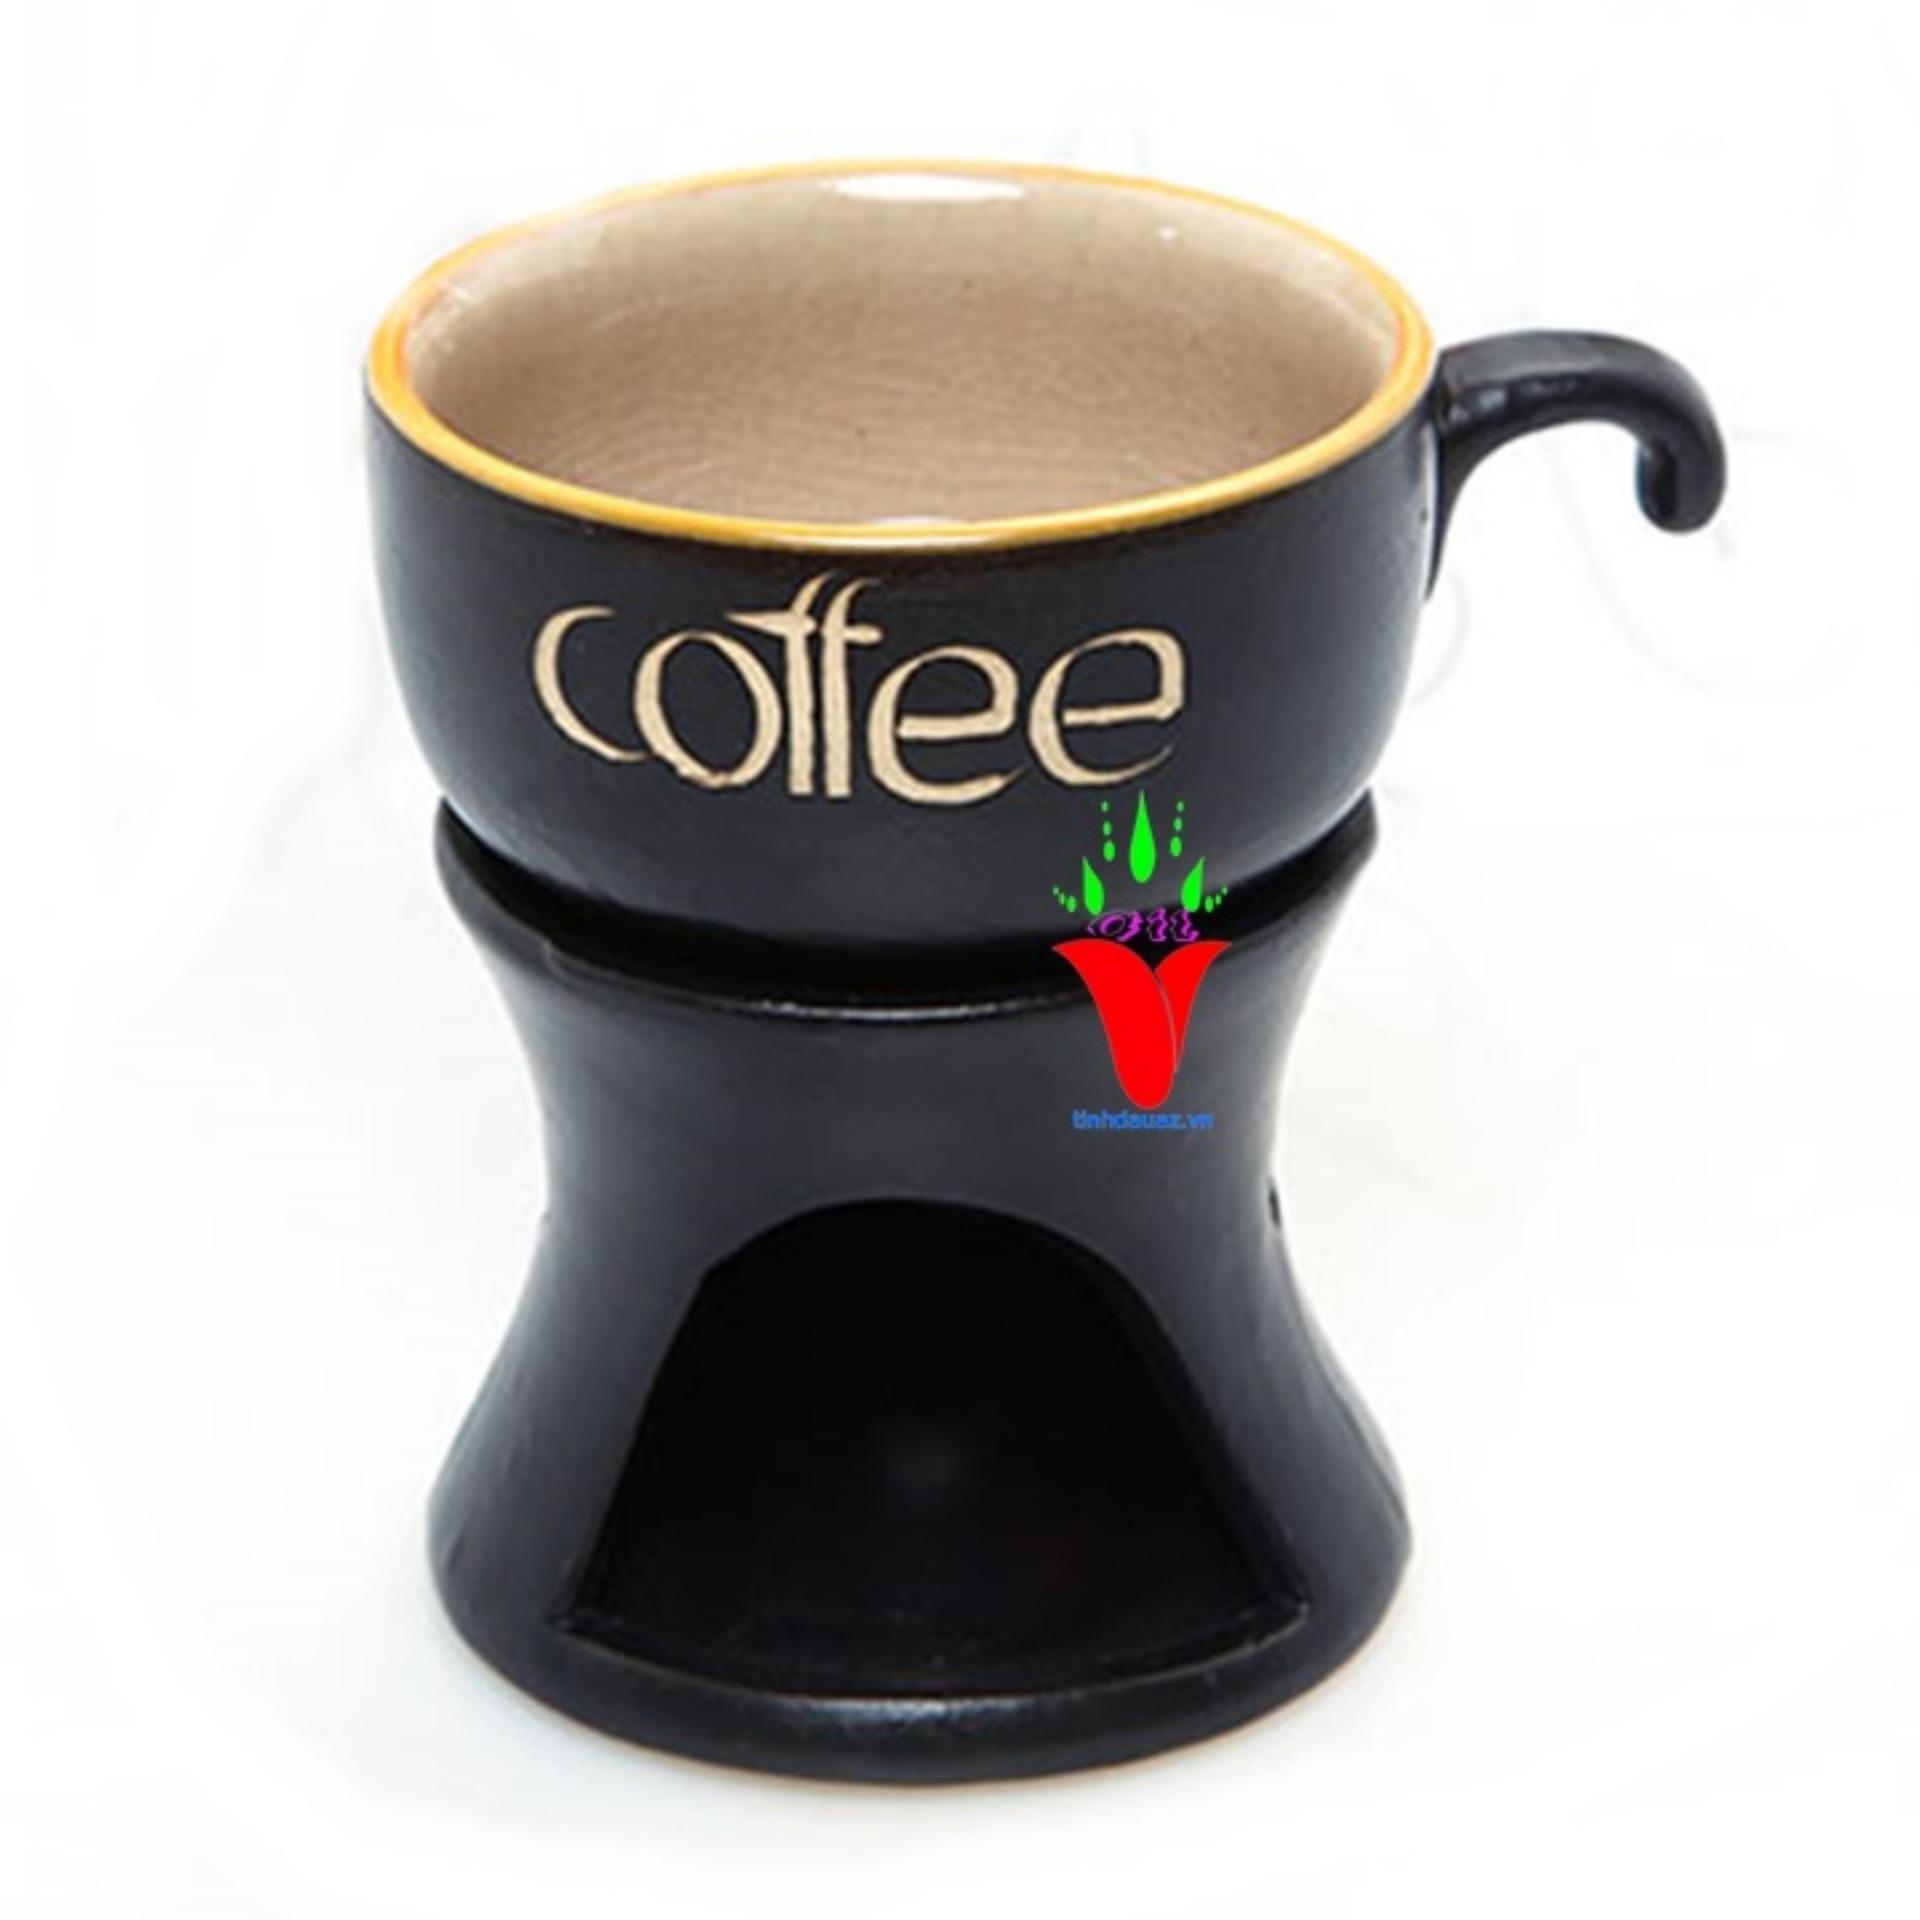 ĐÈN XÔNG TINH DẦU BẰNG NẾN HÌNH LY CAFE